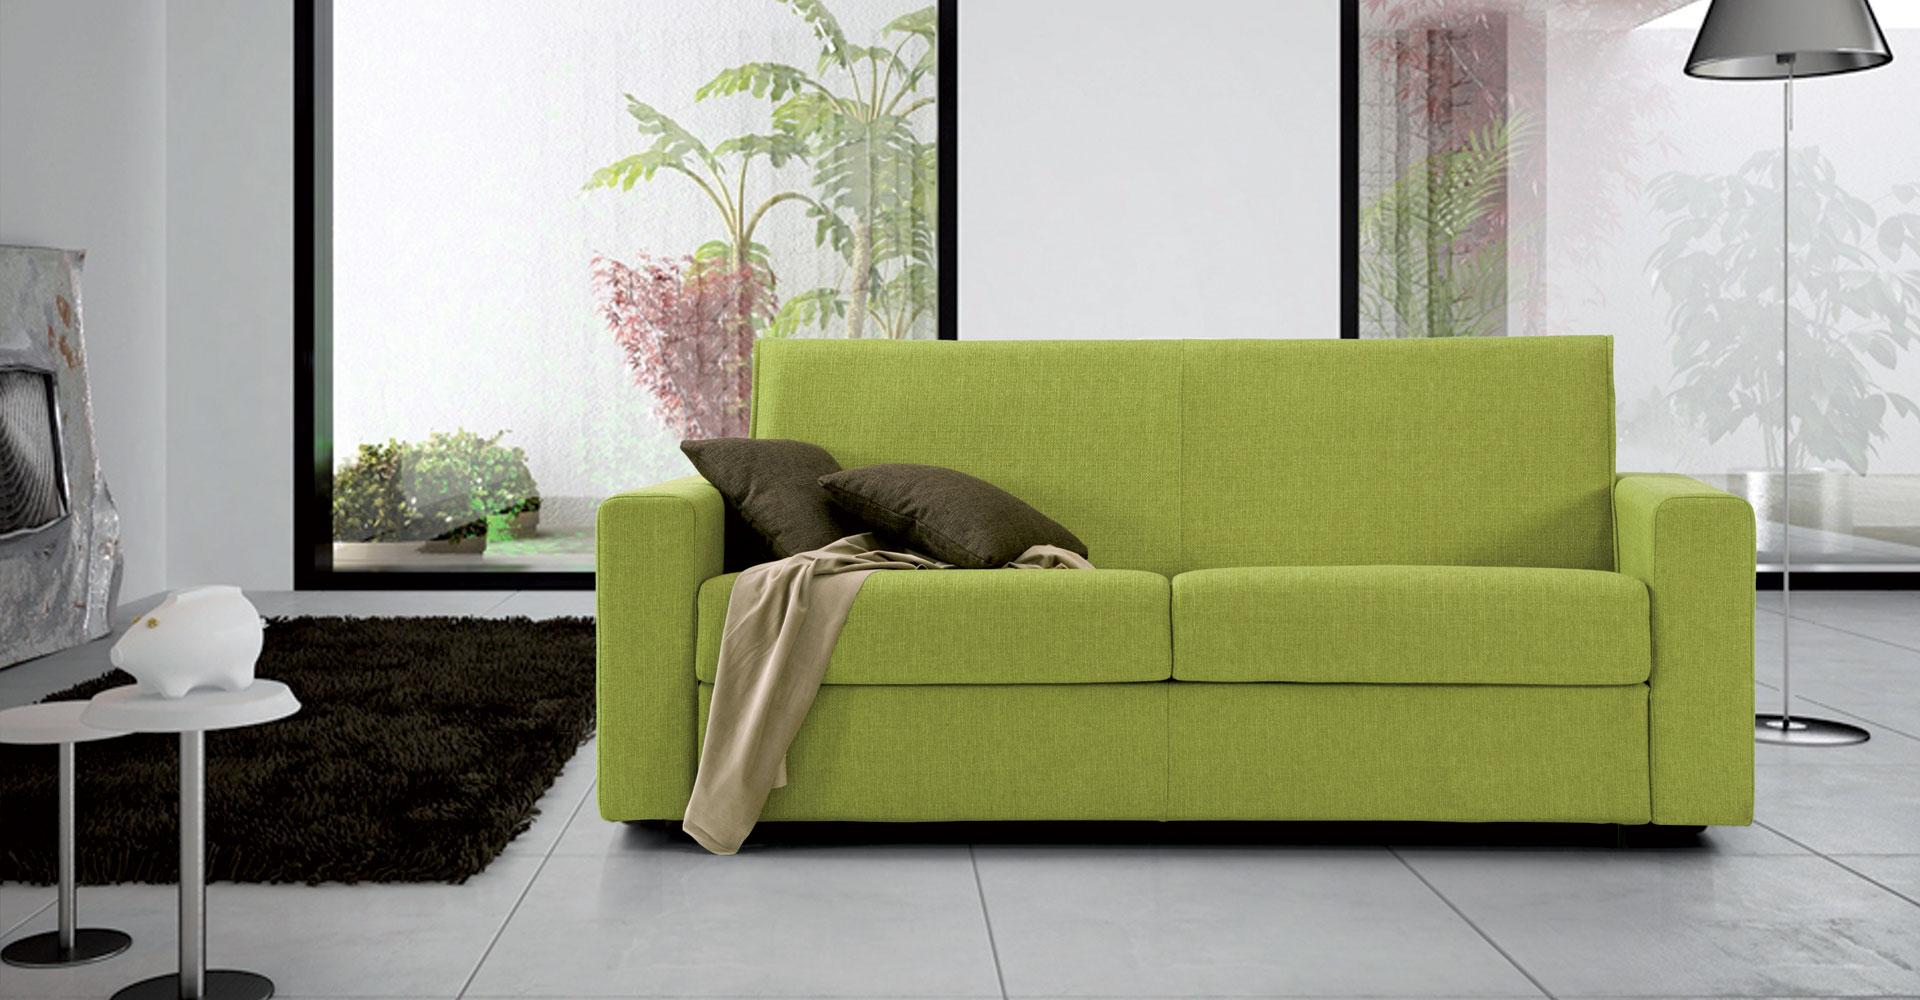 Divano orizzonte fabbrica divani didivani salerno 082853891 for Fabbrica divani